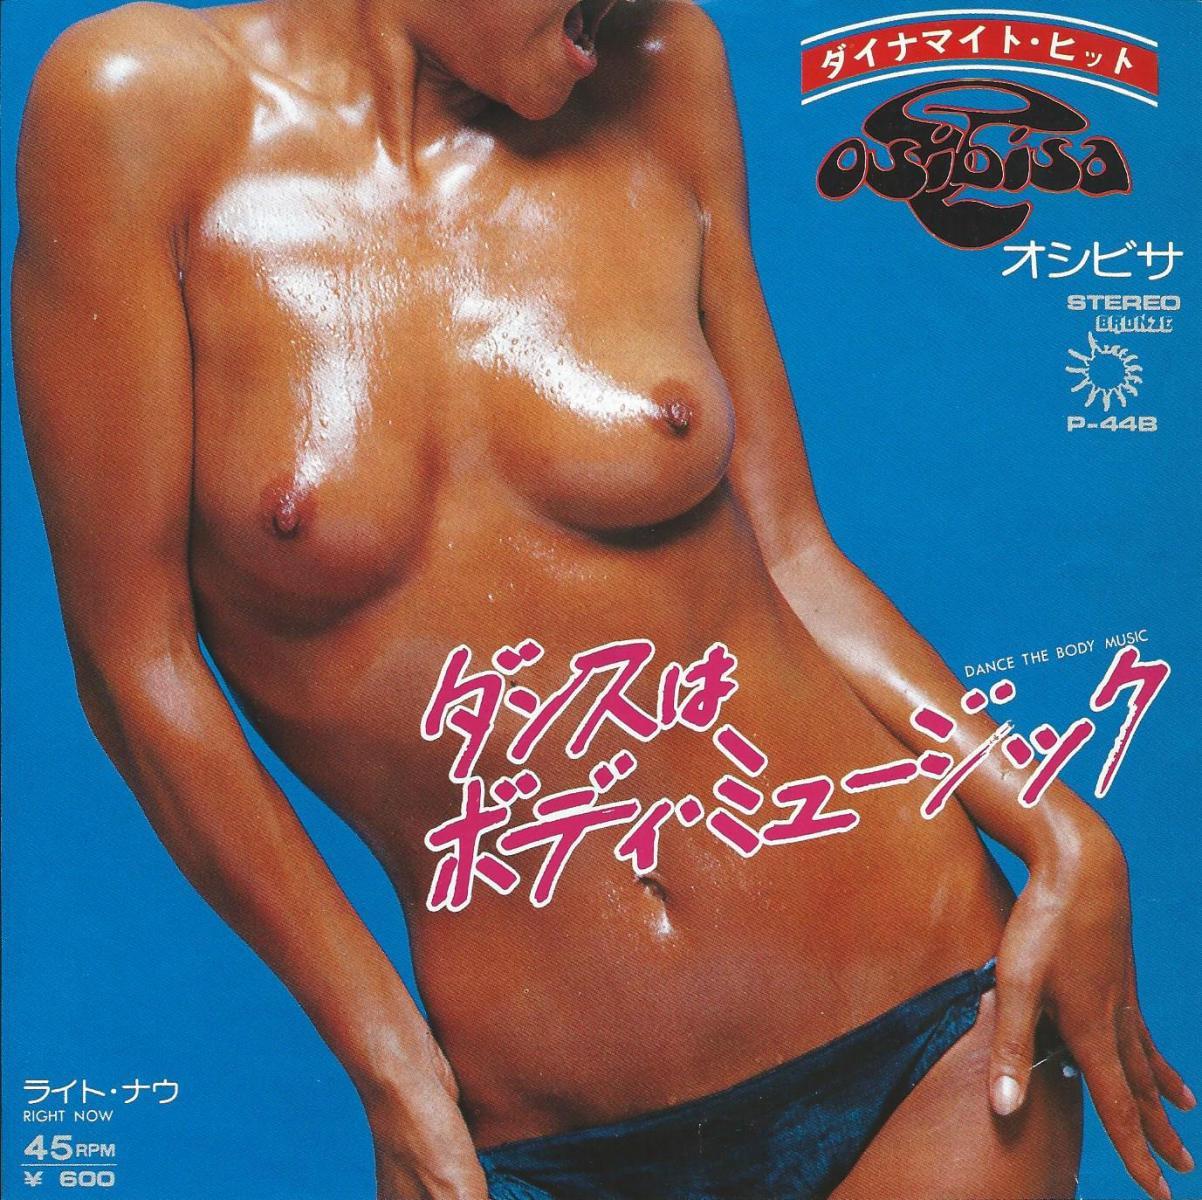 オシビサ OSIBISA / ダンスはボディ・ミュージック DANCE THE BODY MUSIC (7